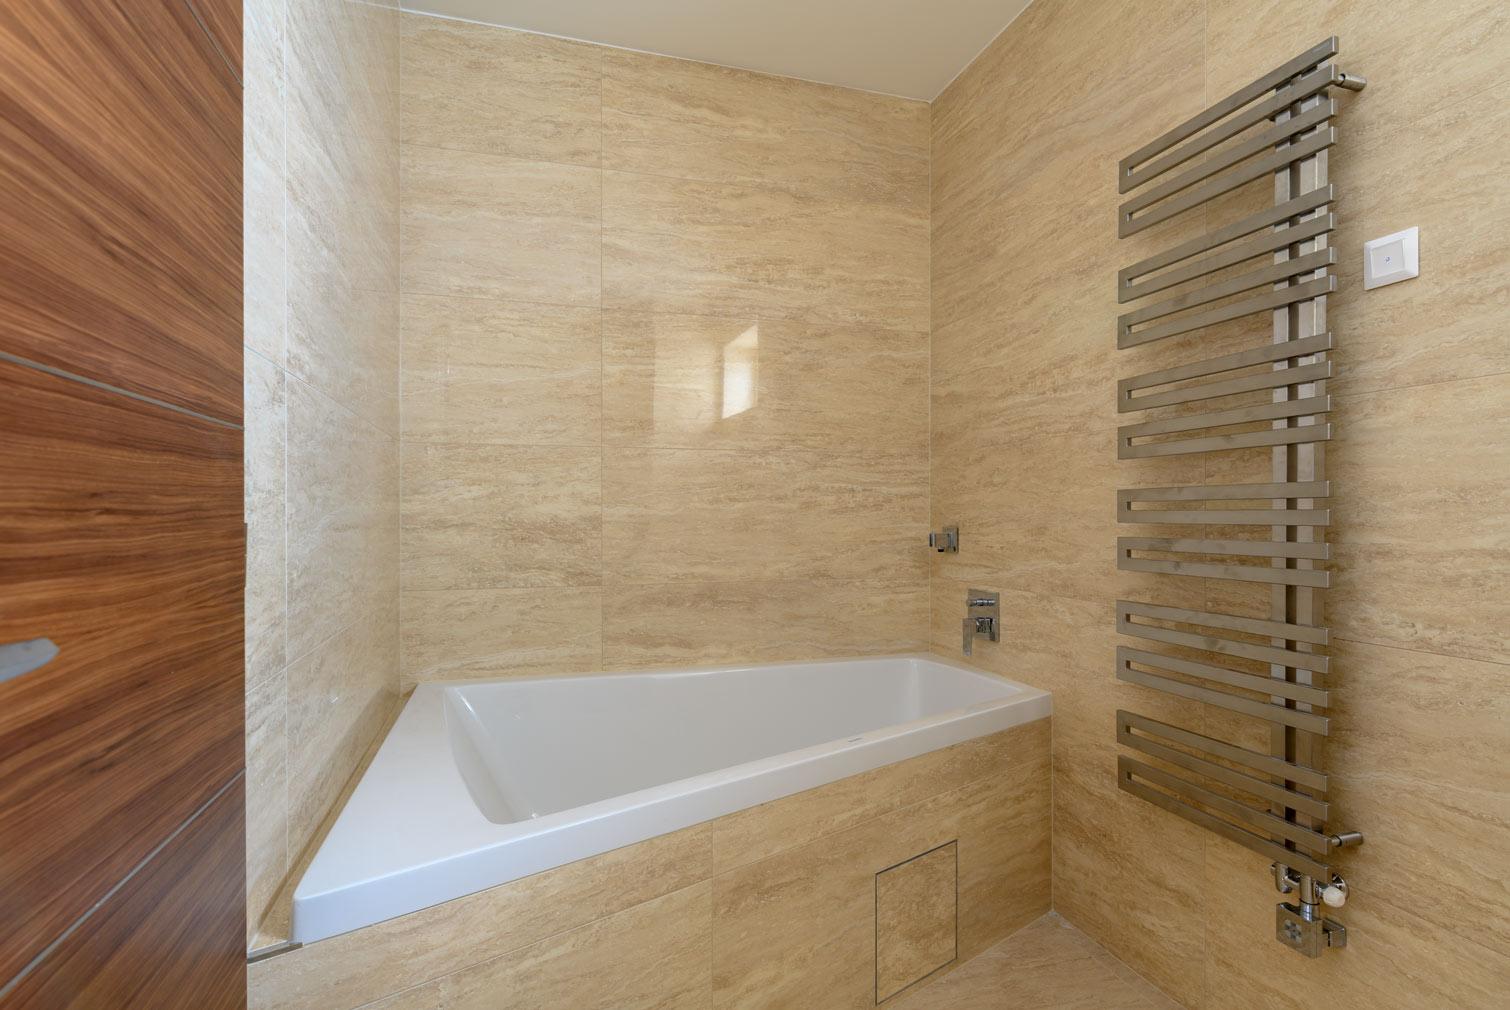 Budapest I. kerület Toldy Ferenc utca 19. - fürdőszoba